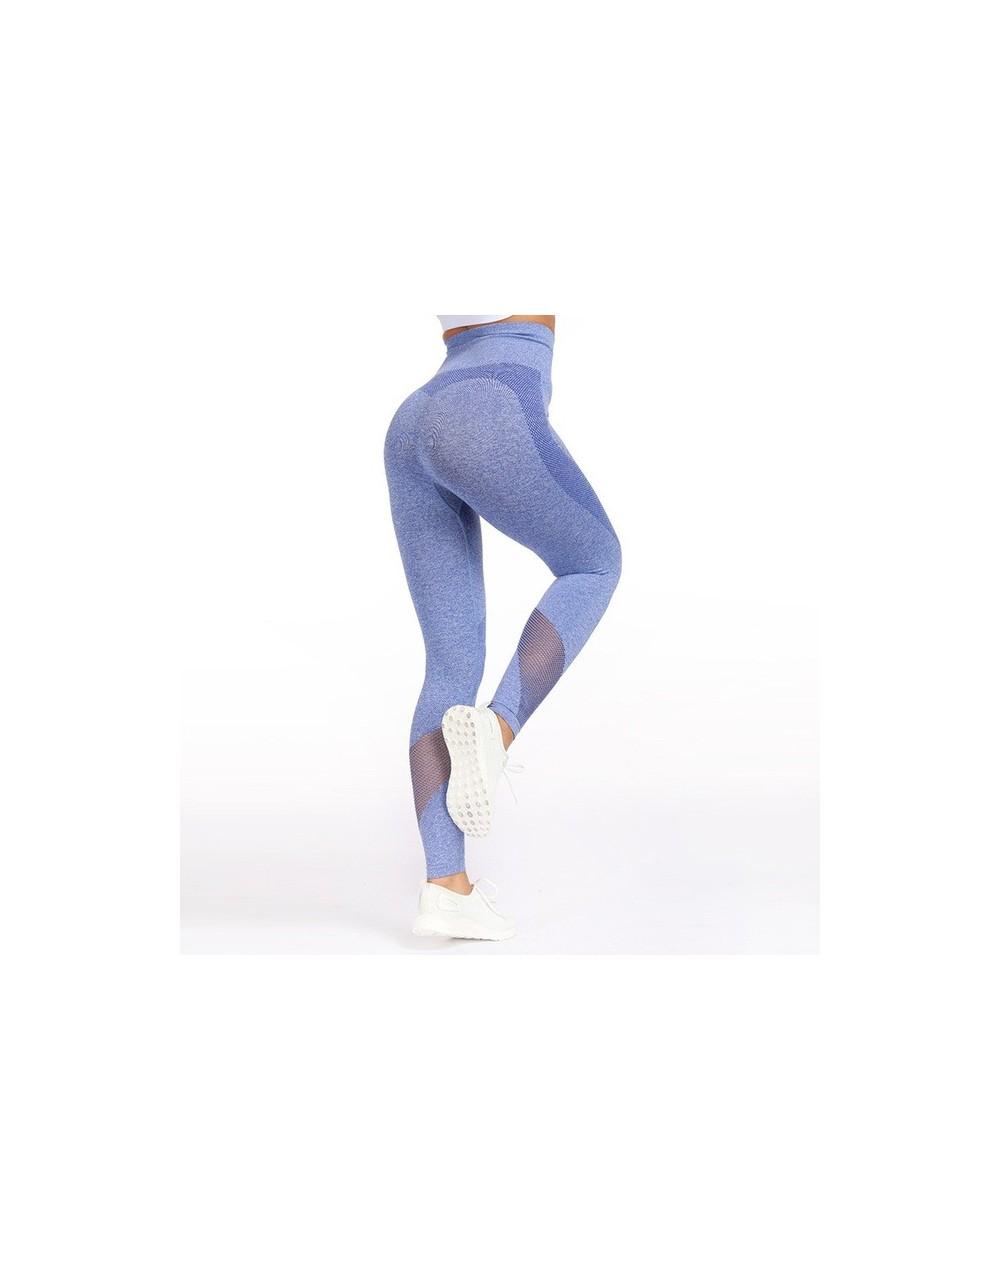 Fitness Seamless Leggings For Women Legging Hollow Out Leggings Breathable Jeggings Women Pants 4Color - Blue - 4V3065666032-1